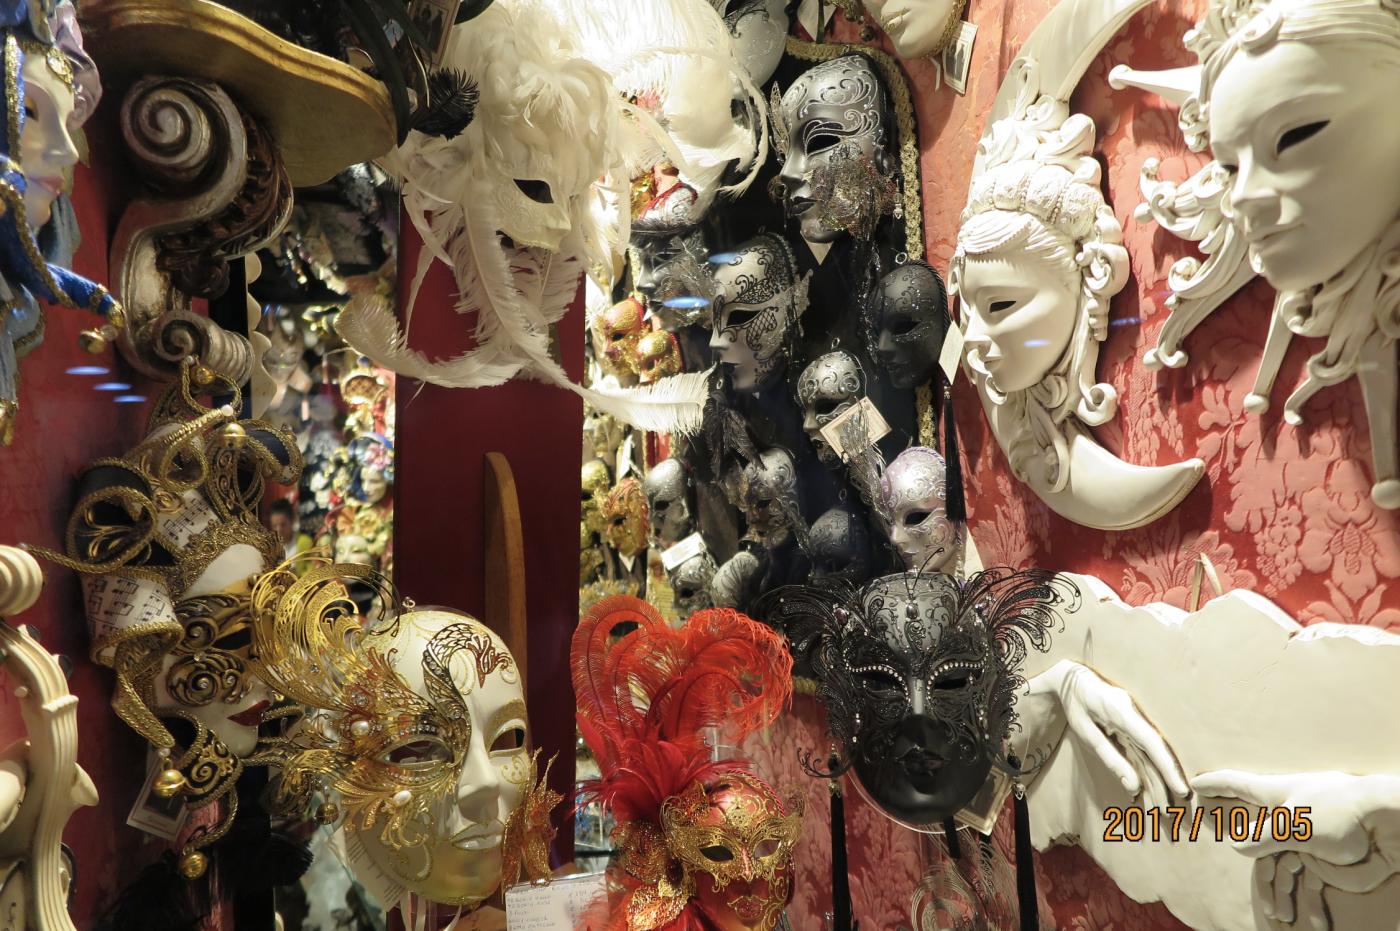 水乡威尼斯:无限的魅力永久的回忆_图1-30